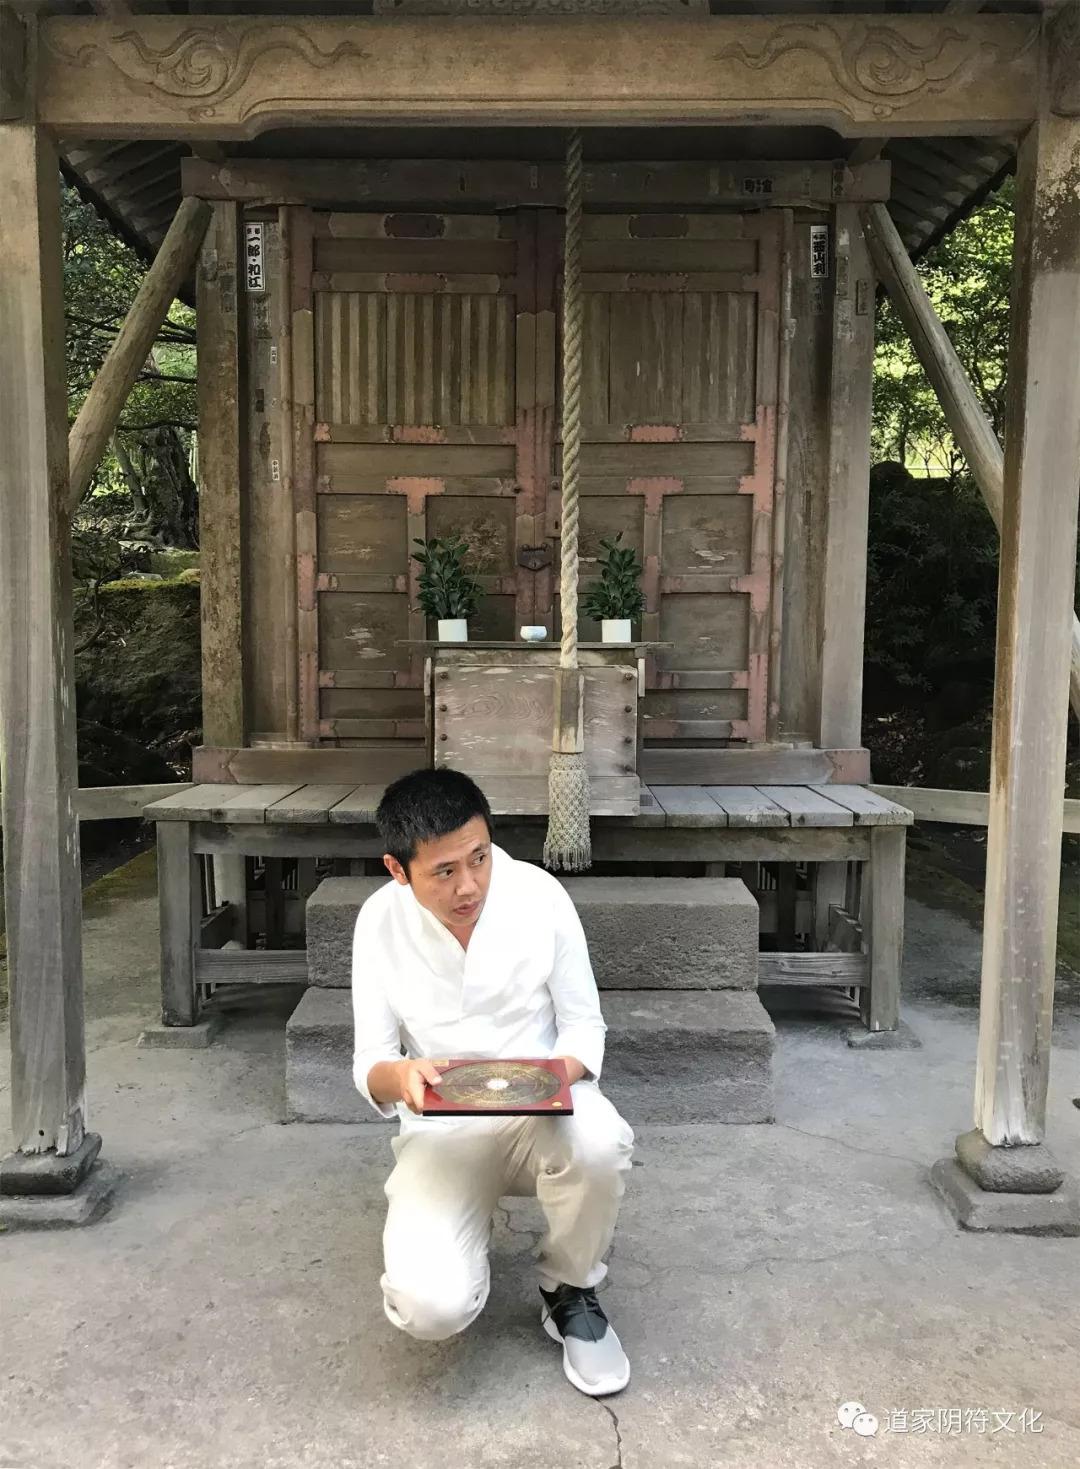 道家阴符派博客--东瀛鹿儿岛(8):御宿神社的风水--云游 2